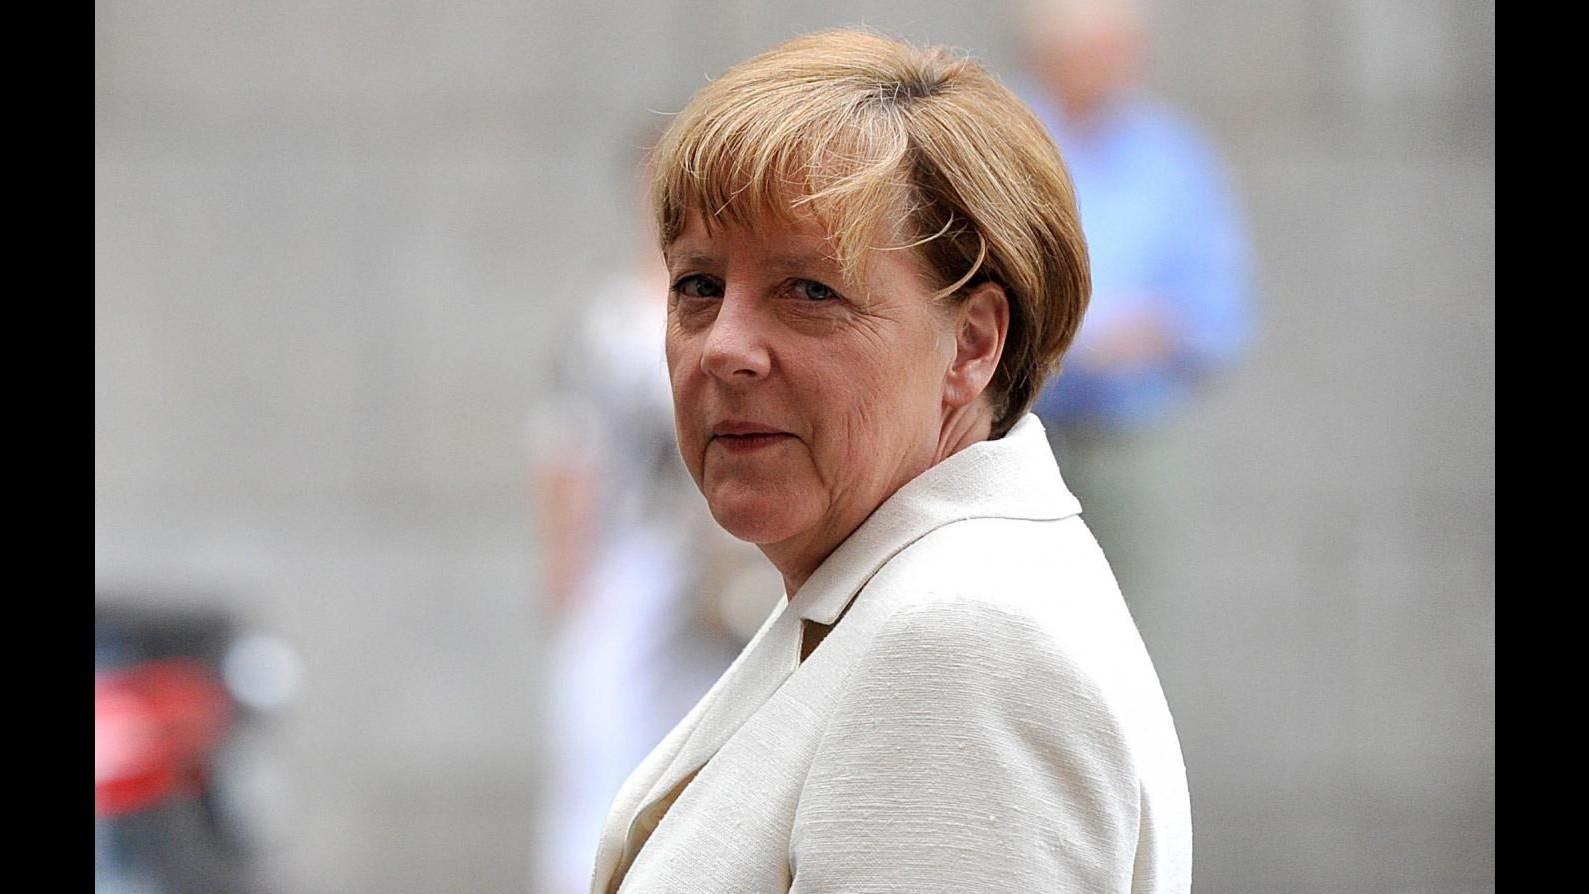 Capodanno, Merkel: Anno di guerre e crisi, cogliere opportunità migranti